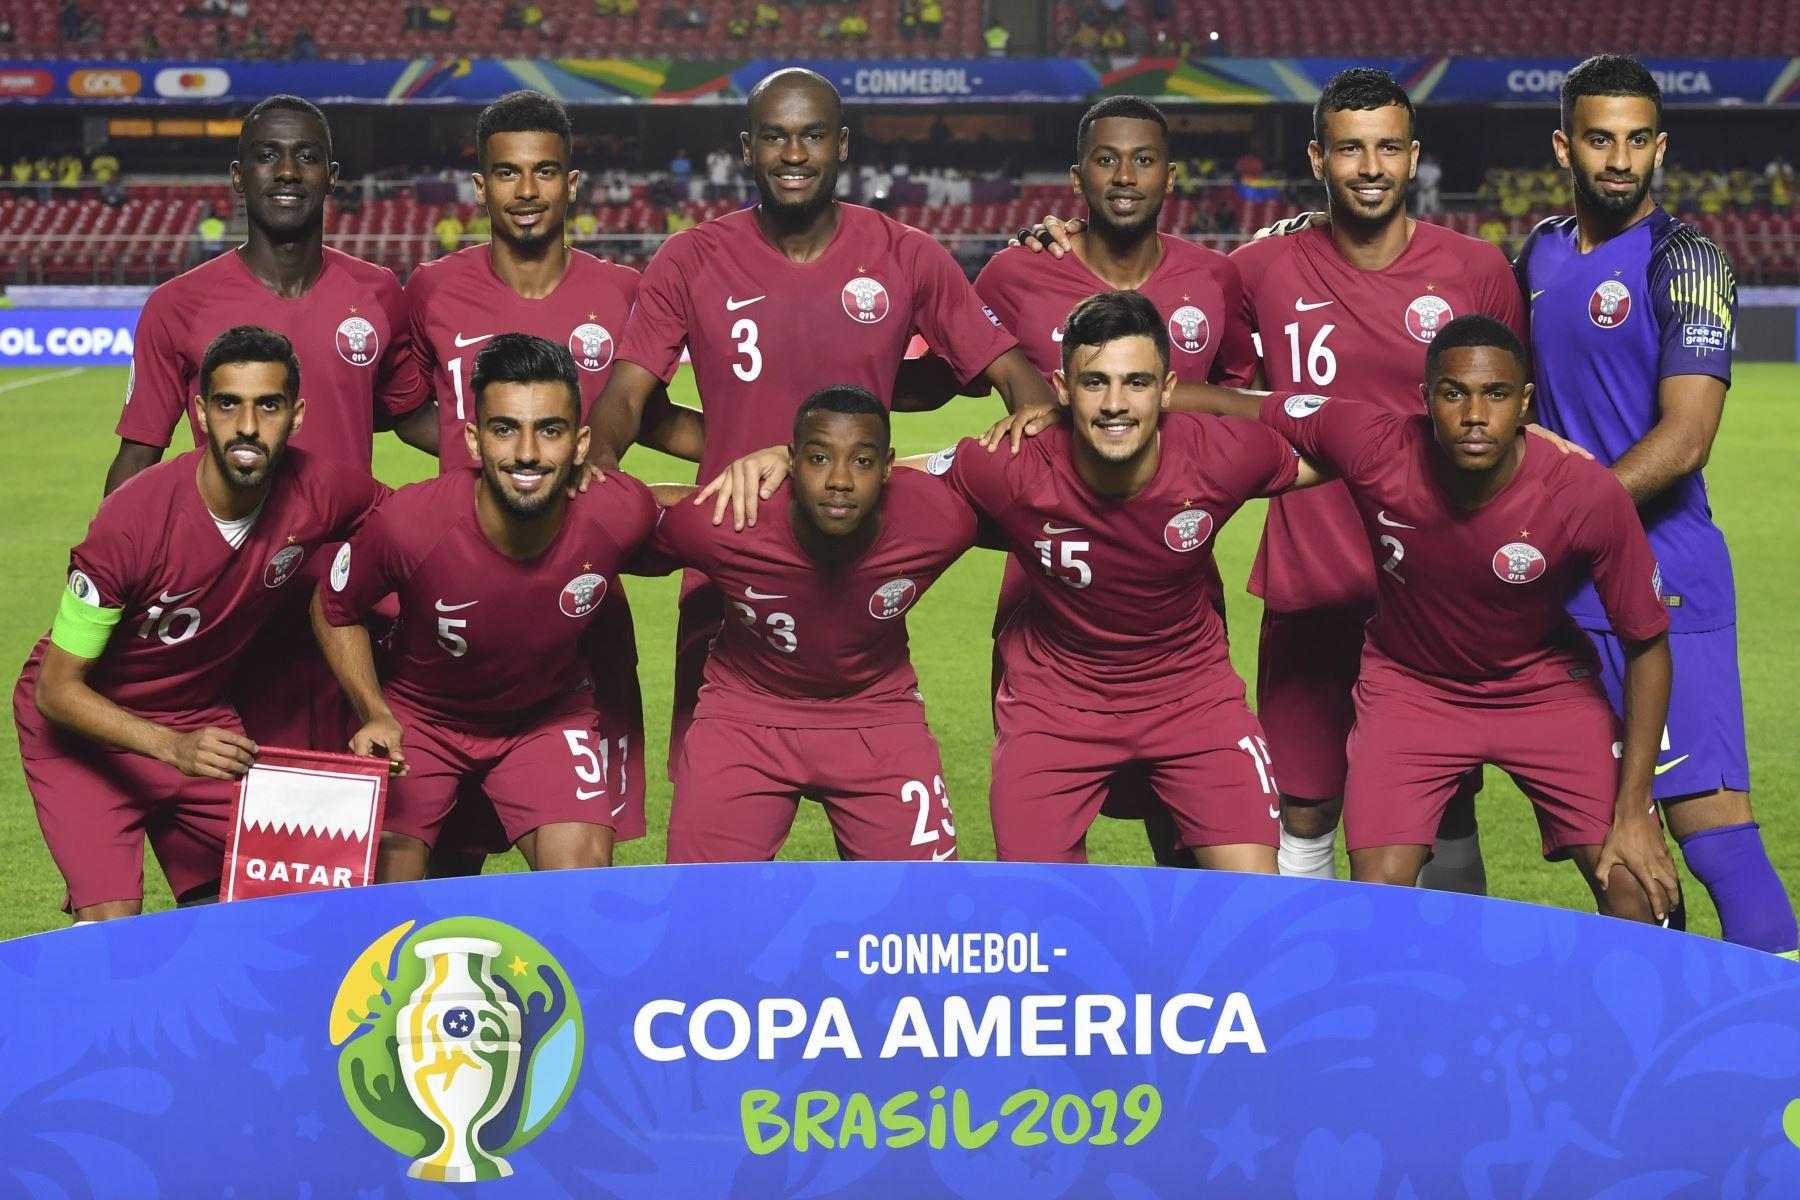 Los jugadores de Qatar posan para las fotos antes de su partido de torneo de fútbol de la Copa América contra Colombia en el estadio Cicero Pompeu de Toledo  en Sao Paulo, Brasil. Foto: AFP